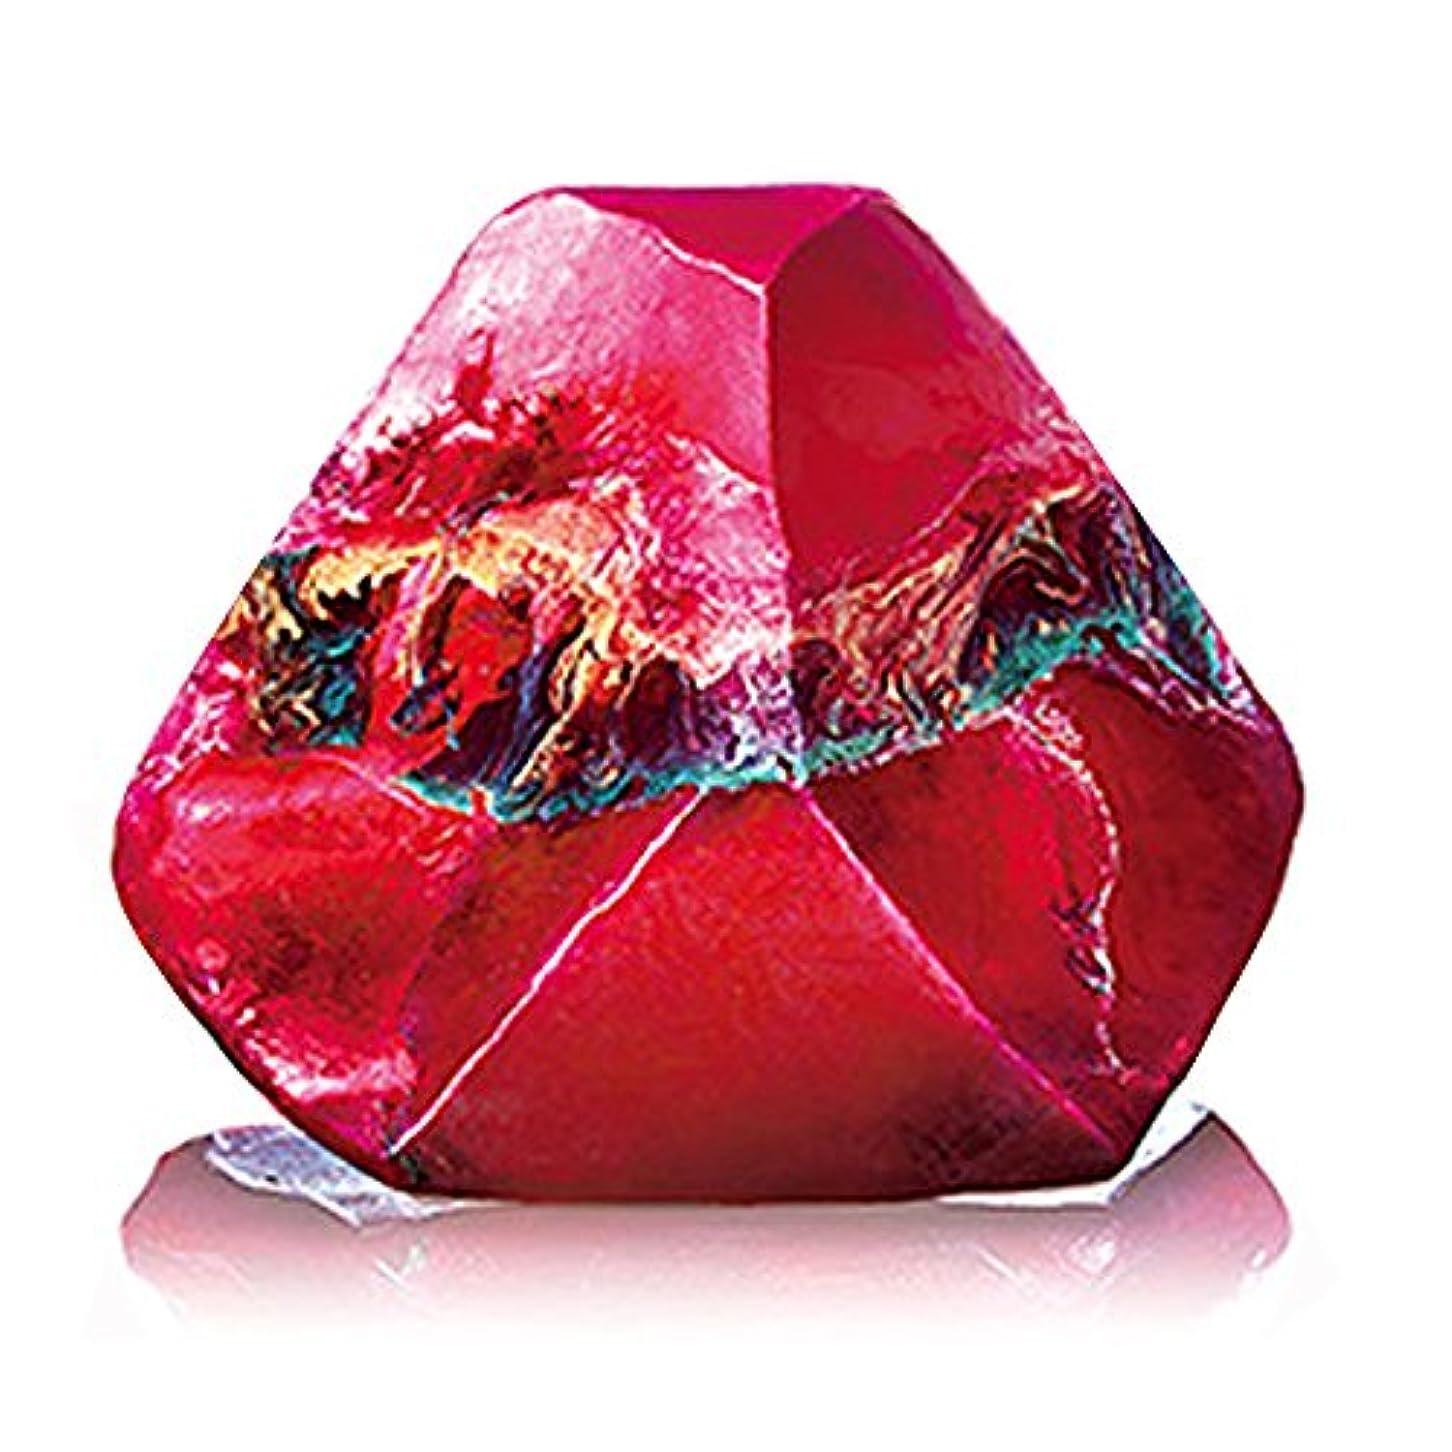 彼ら権限評価するSavons Gemme サボンジェム 世界で一番美しい宝石石鹸 フレグランス ソープ ガーネット 170g